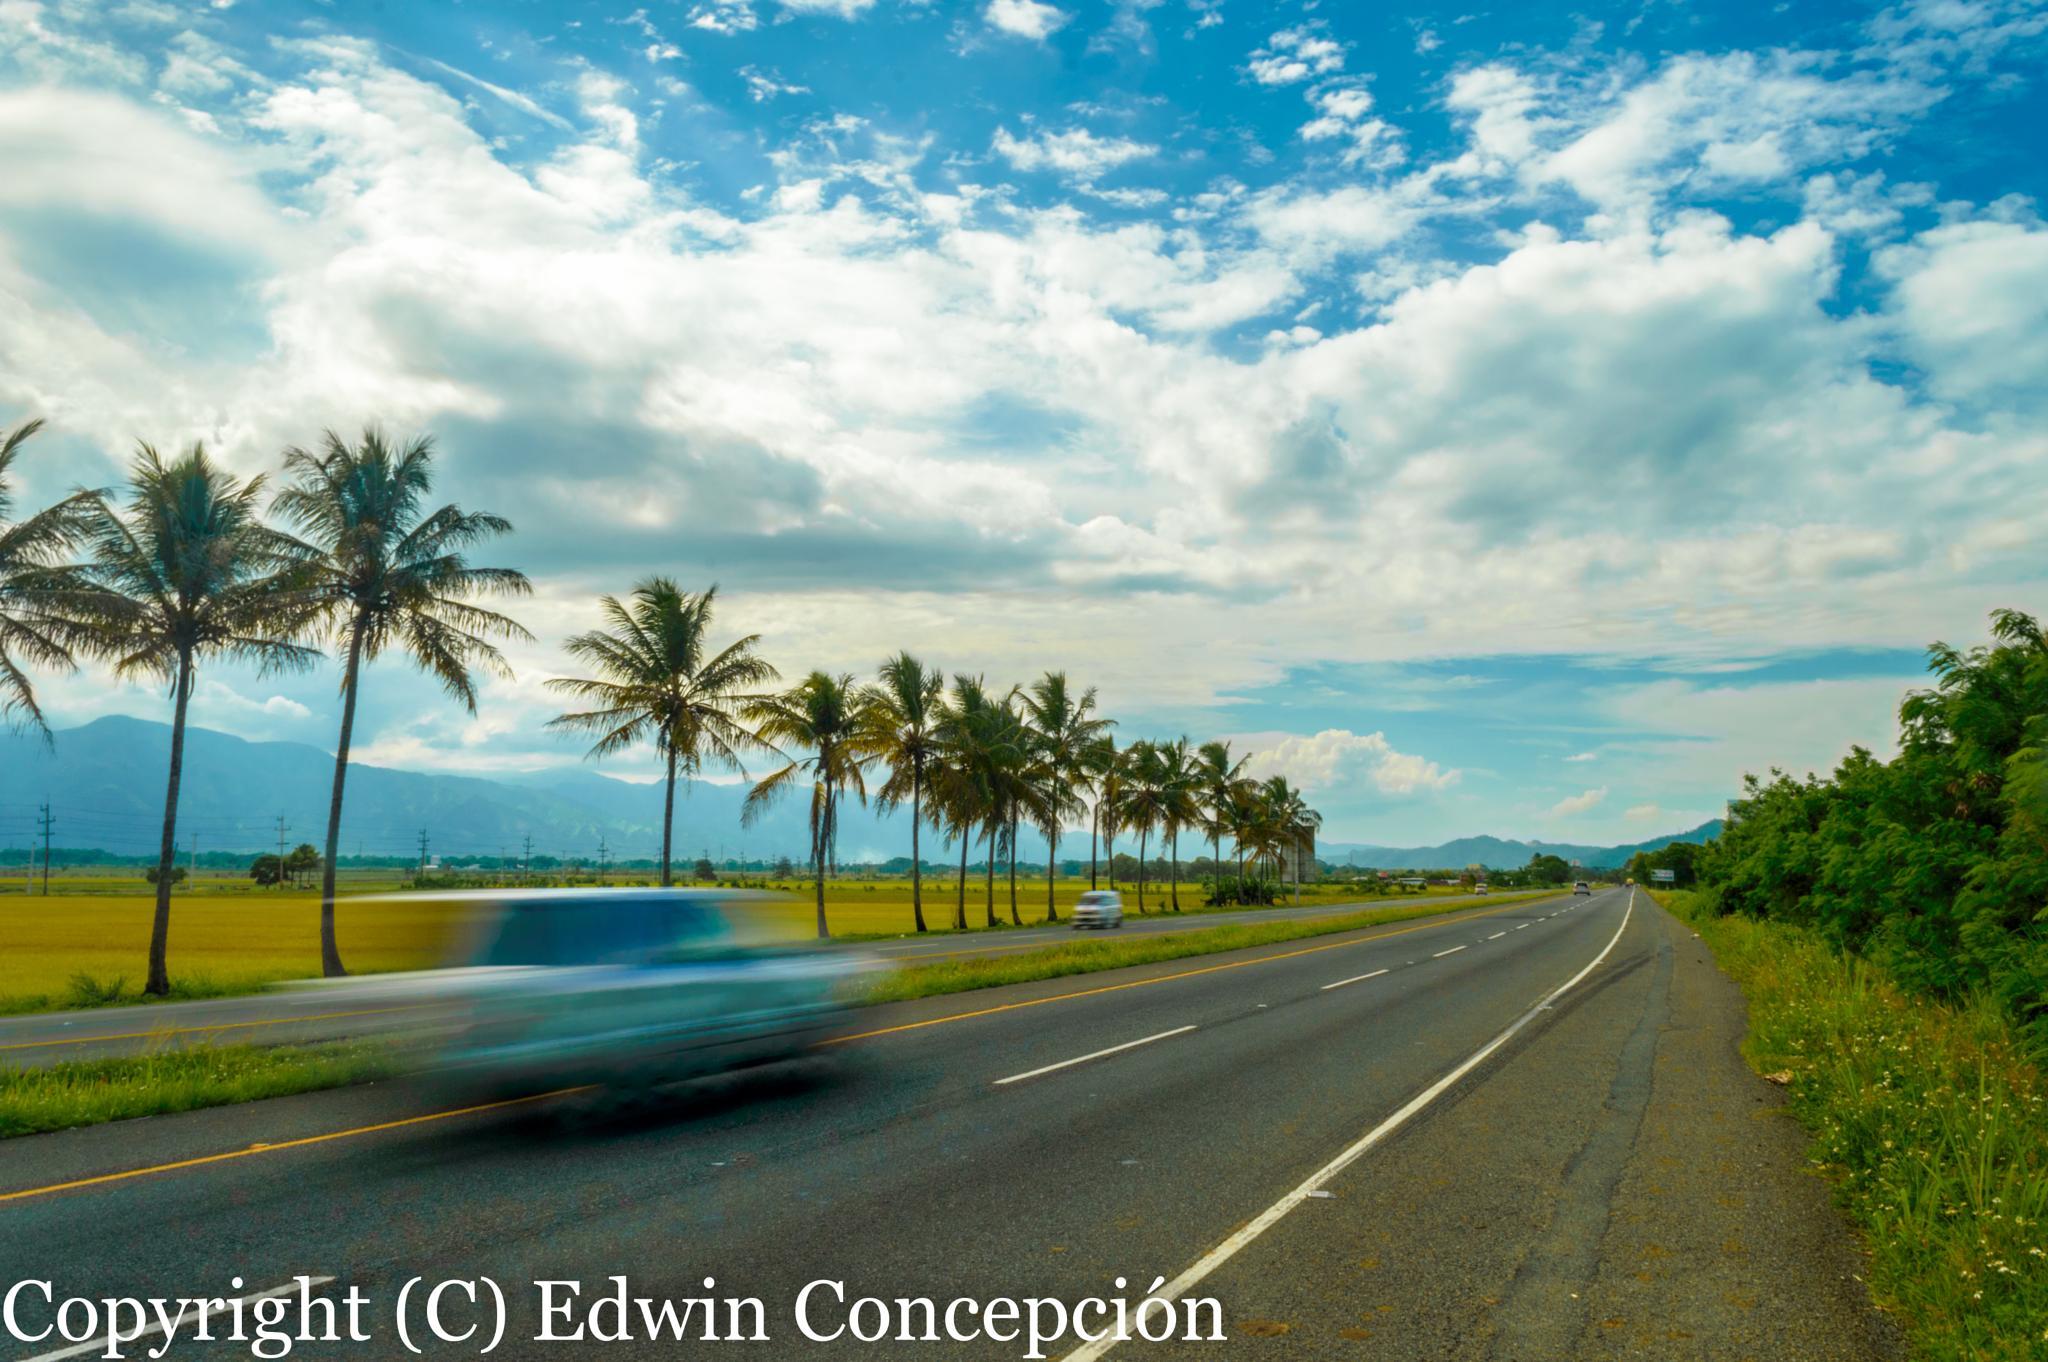 Speed daemon 2 - Cibao drift by Edwin Concepción